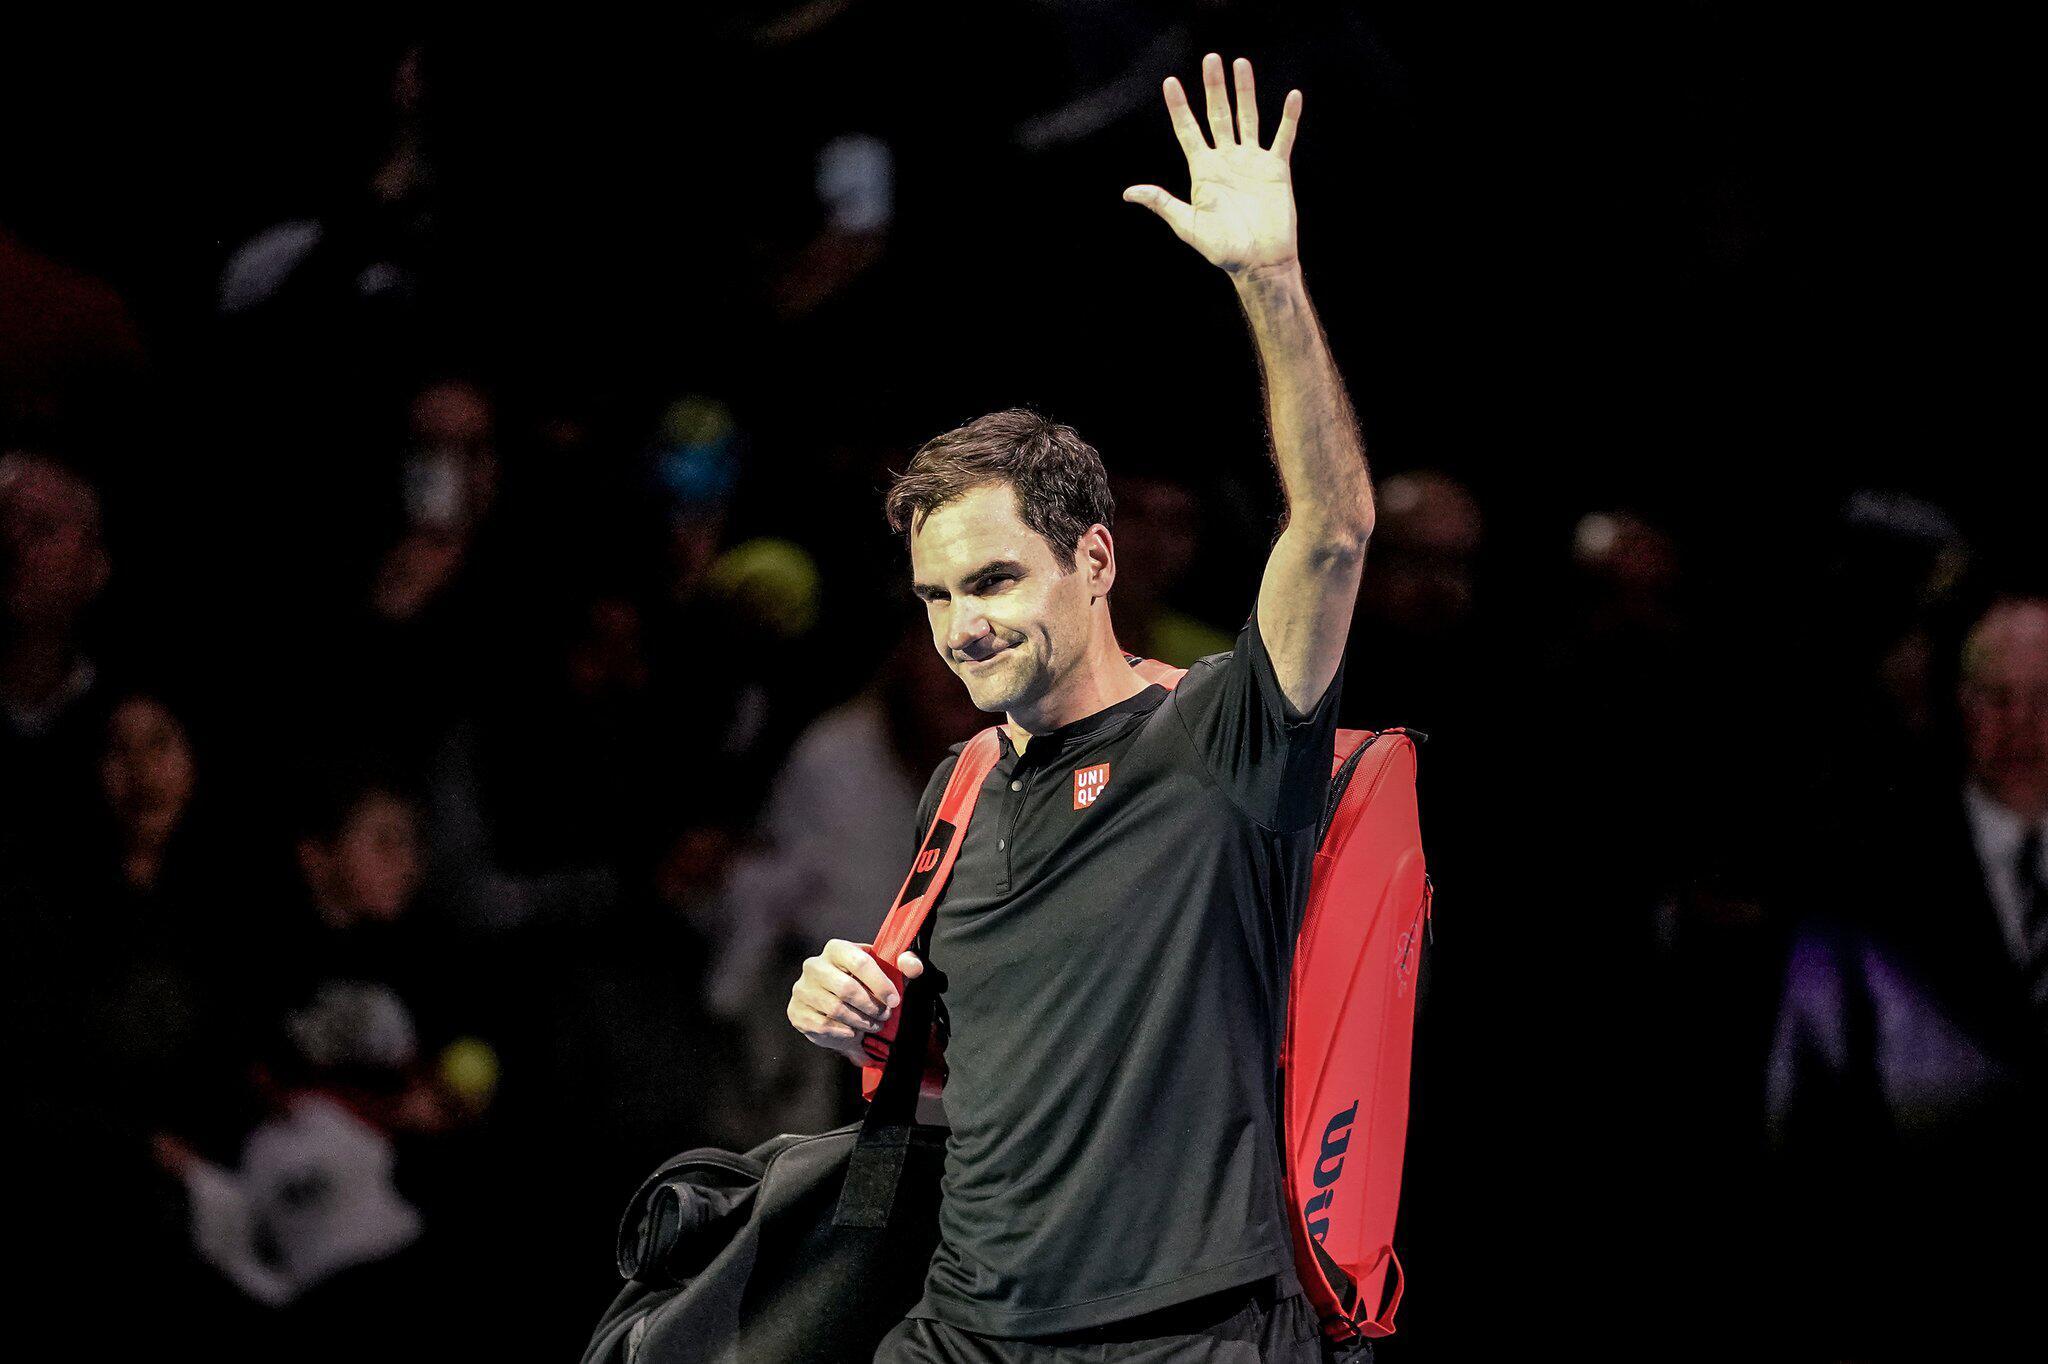 Bild zu Tennisprofi Federer denkt an Karriereende